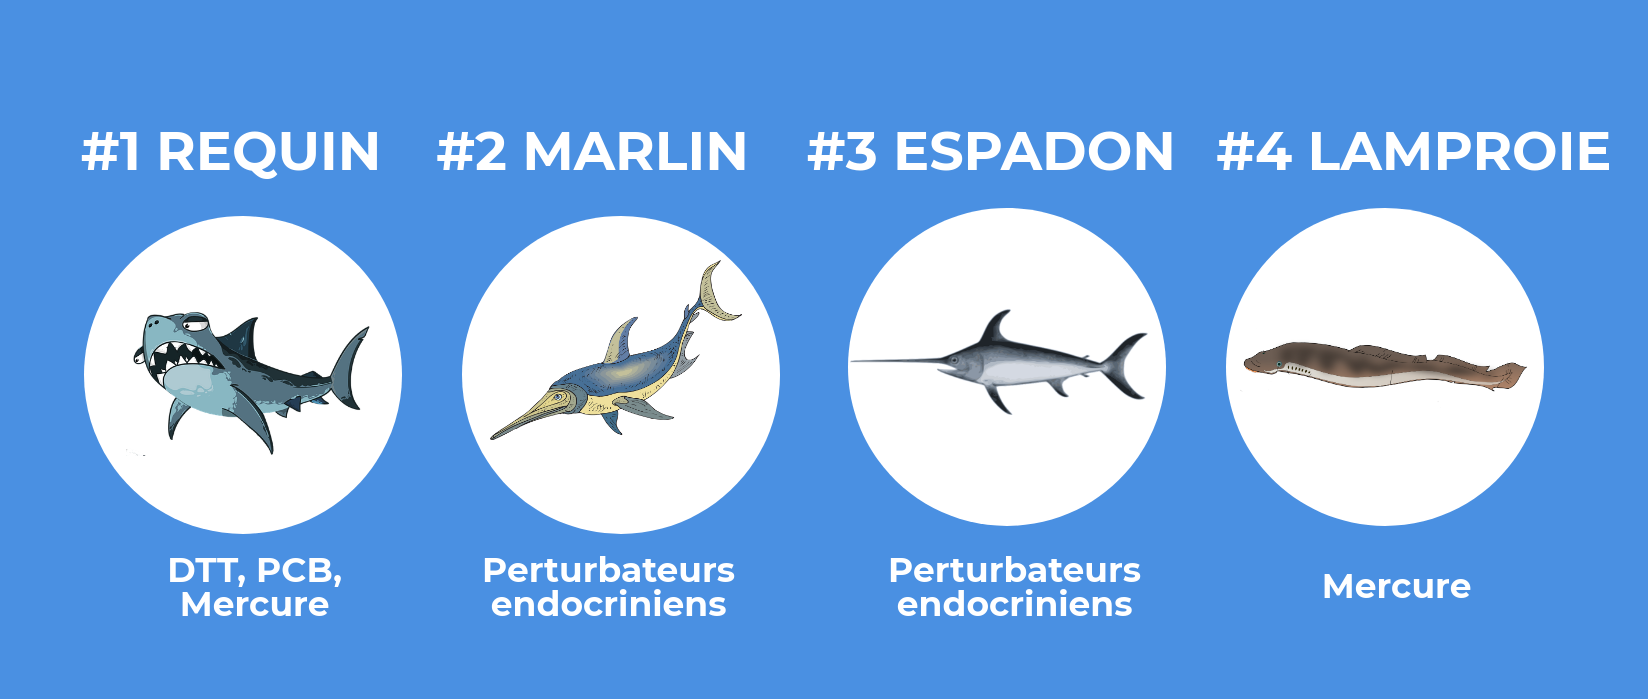 poissons les plus pollués